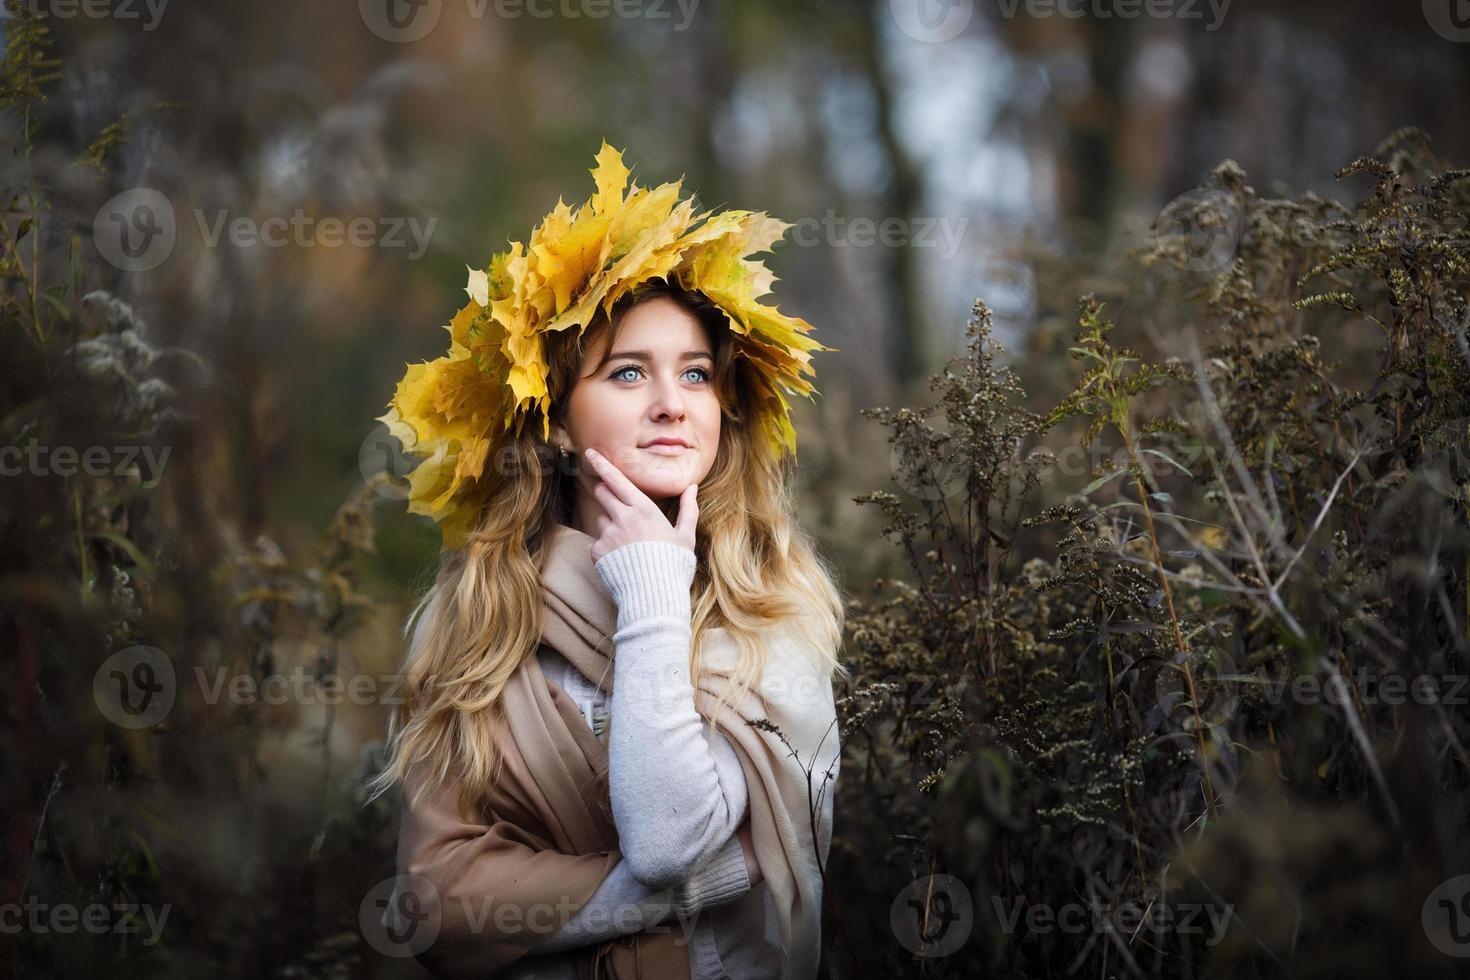 schoonheid in de herfst foto